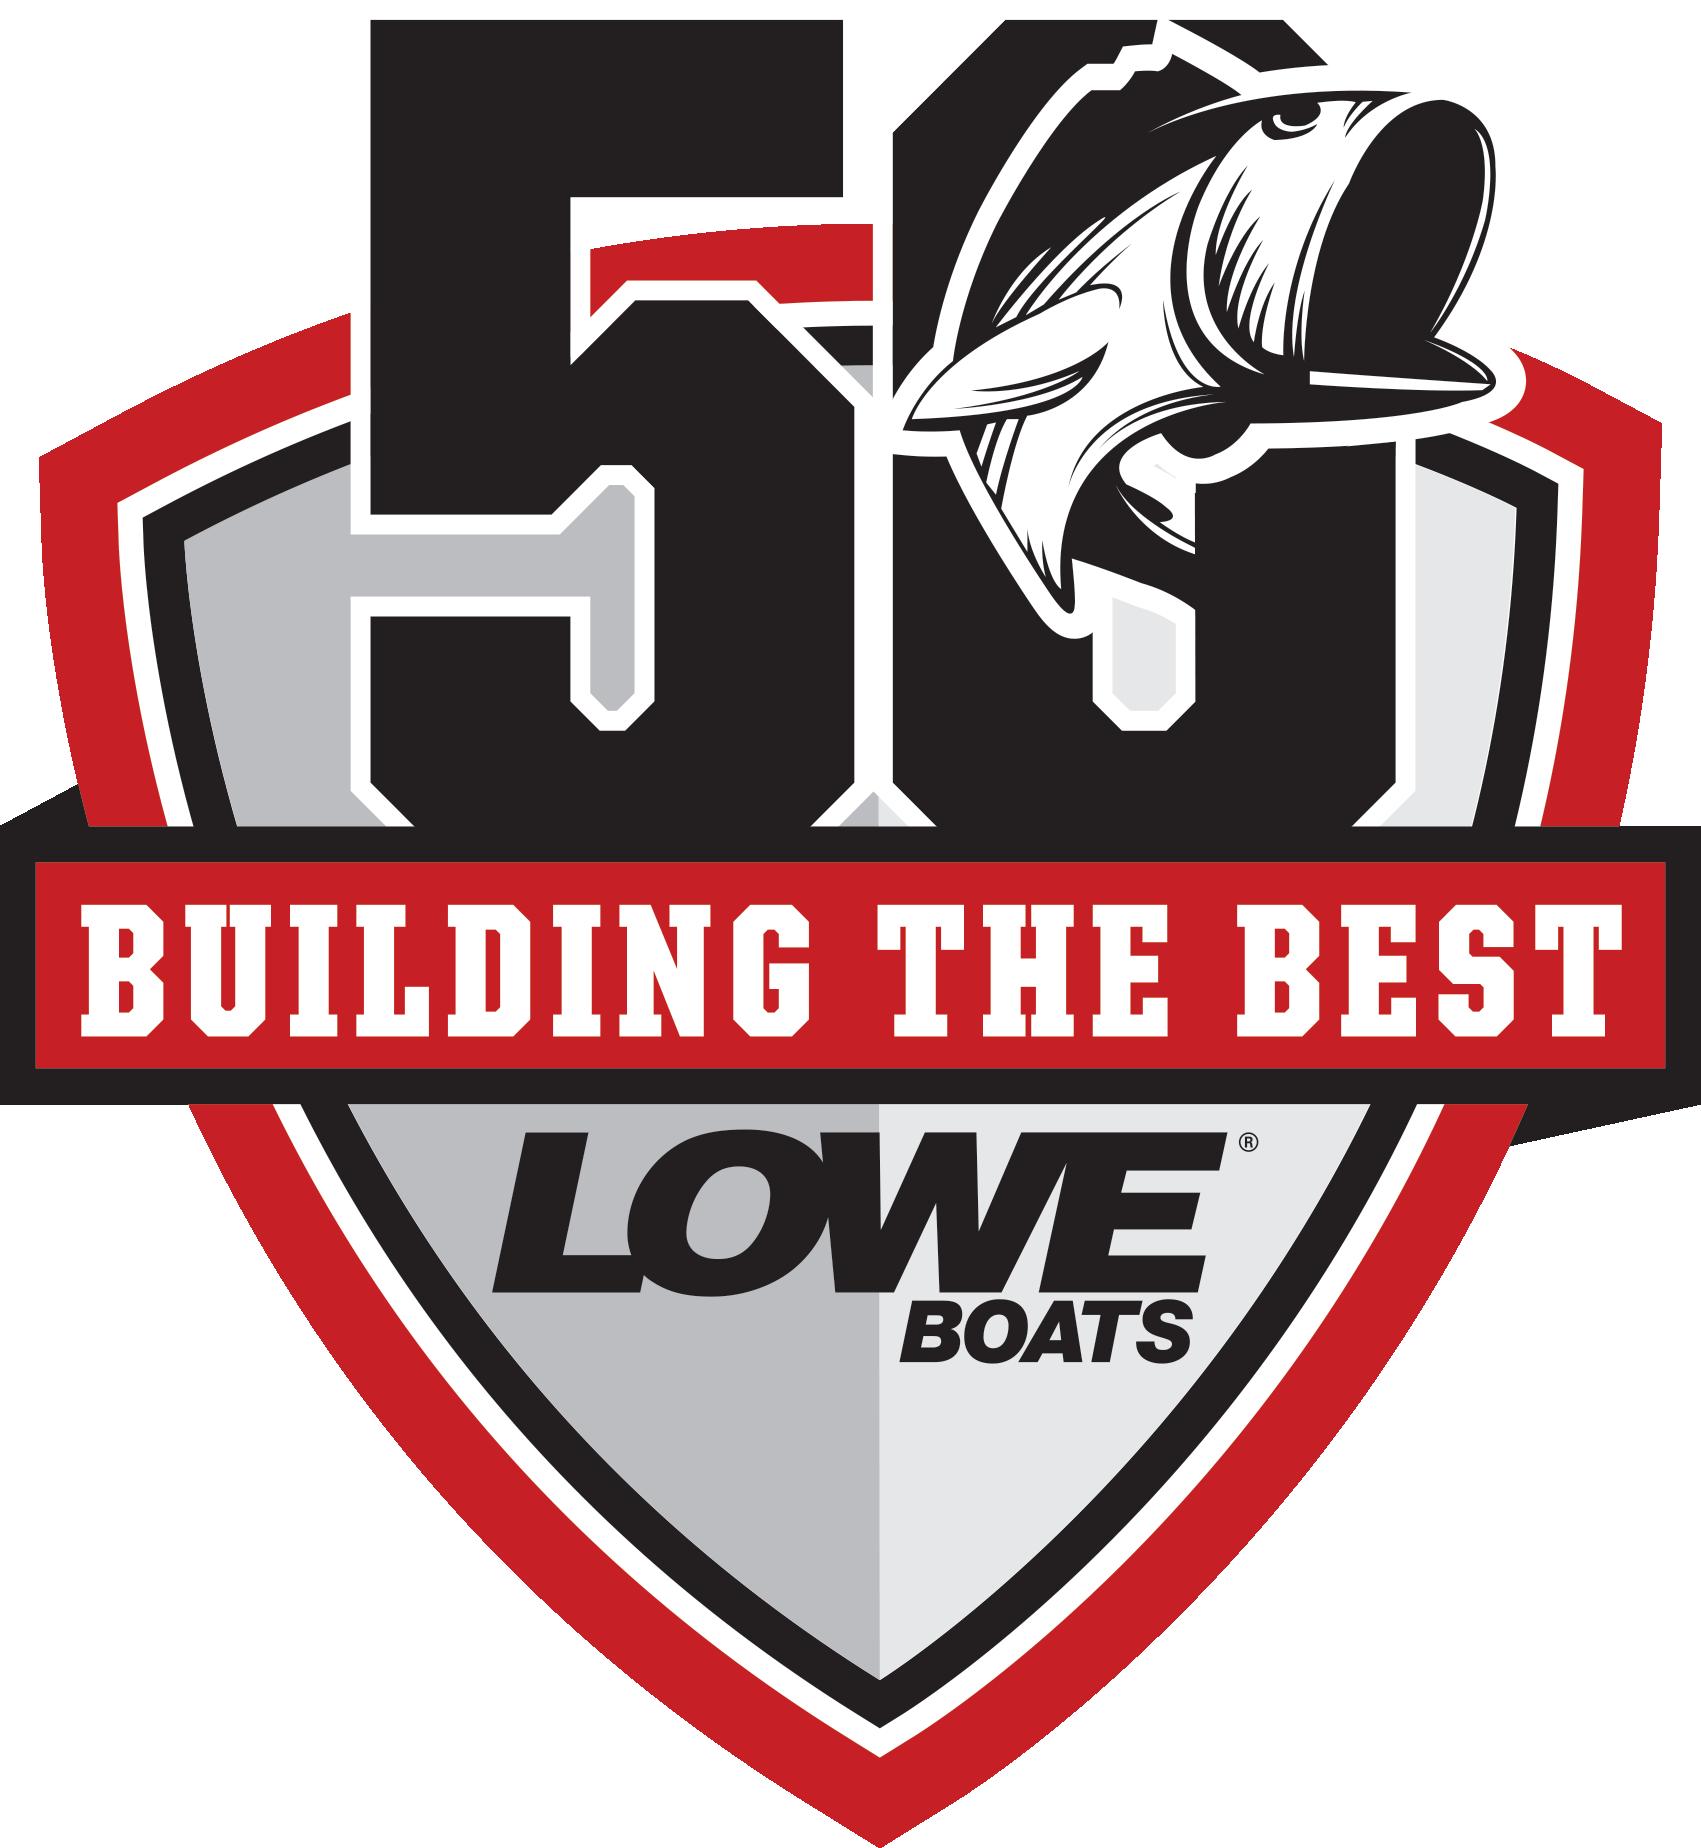 Lowe Pontoon Boats Established 1971